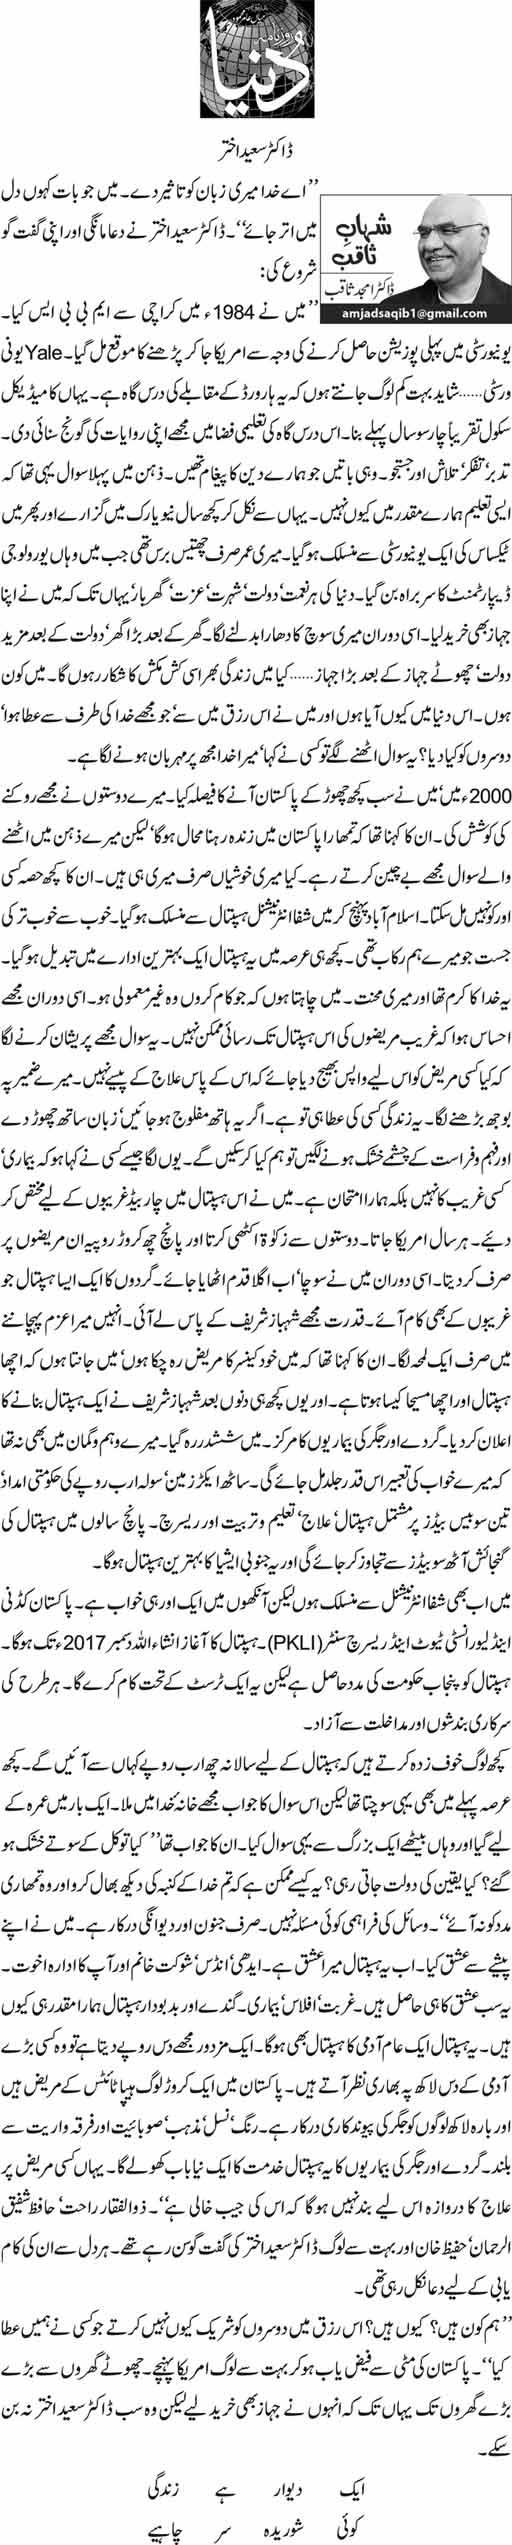 Dr. Saeed Akhtar | Dr. Amjad Saqib | Daily Urdu Columns